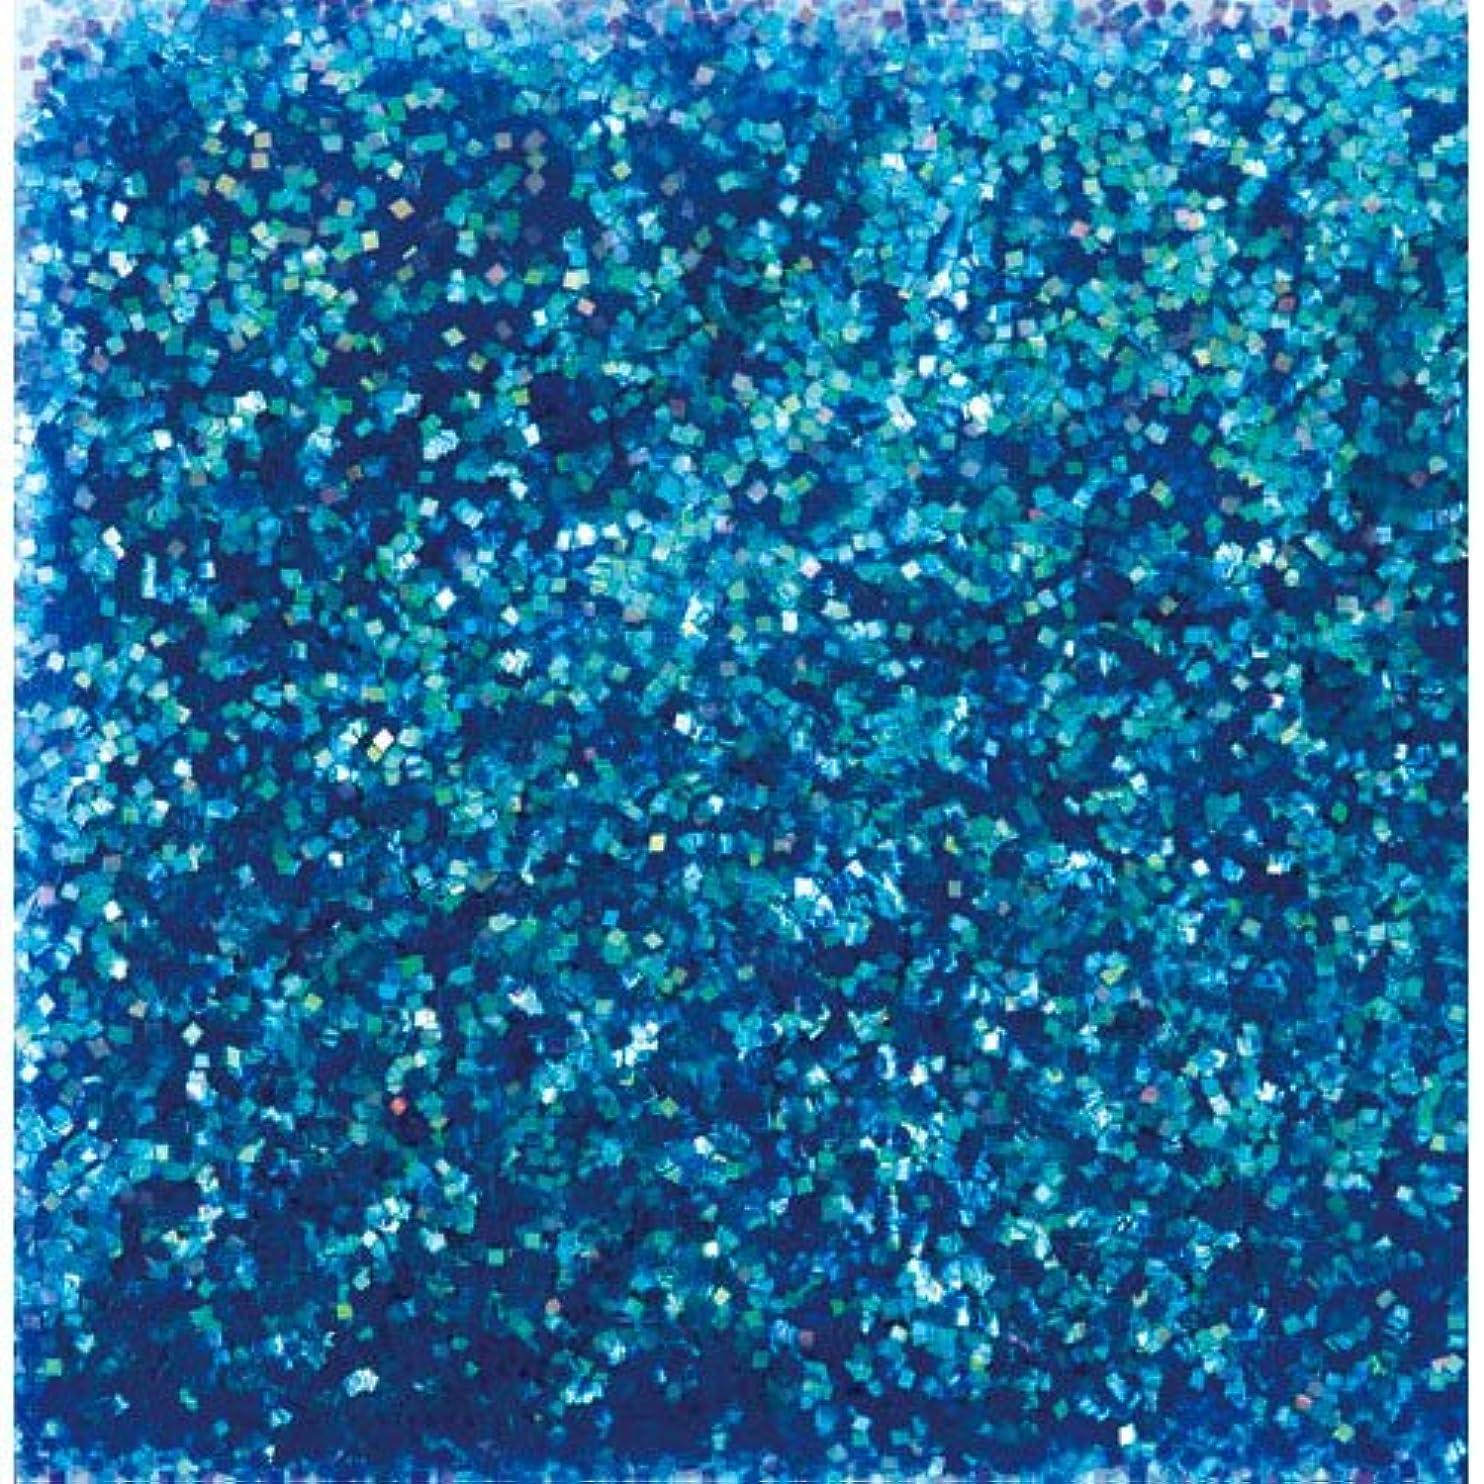 かろうじて経験者悪夢ピカエース ネイル用パウダー ピカエース オーロラグリッター M #497 ブルー 1.5g アート材